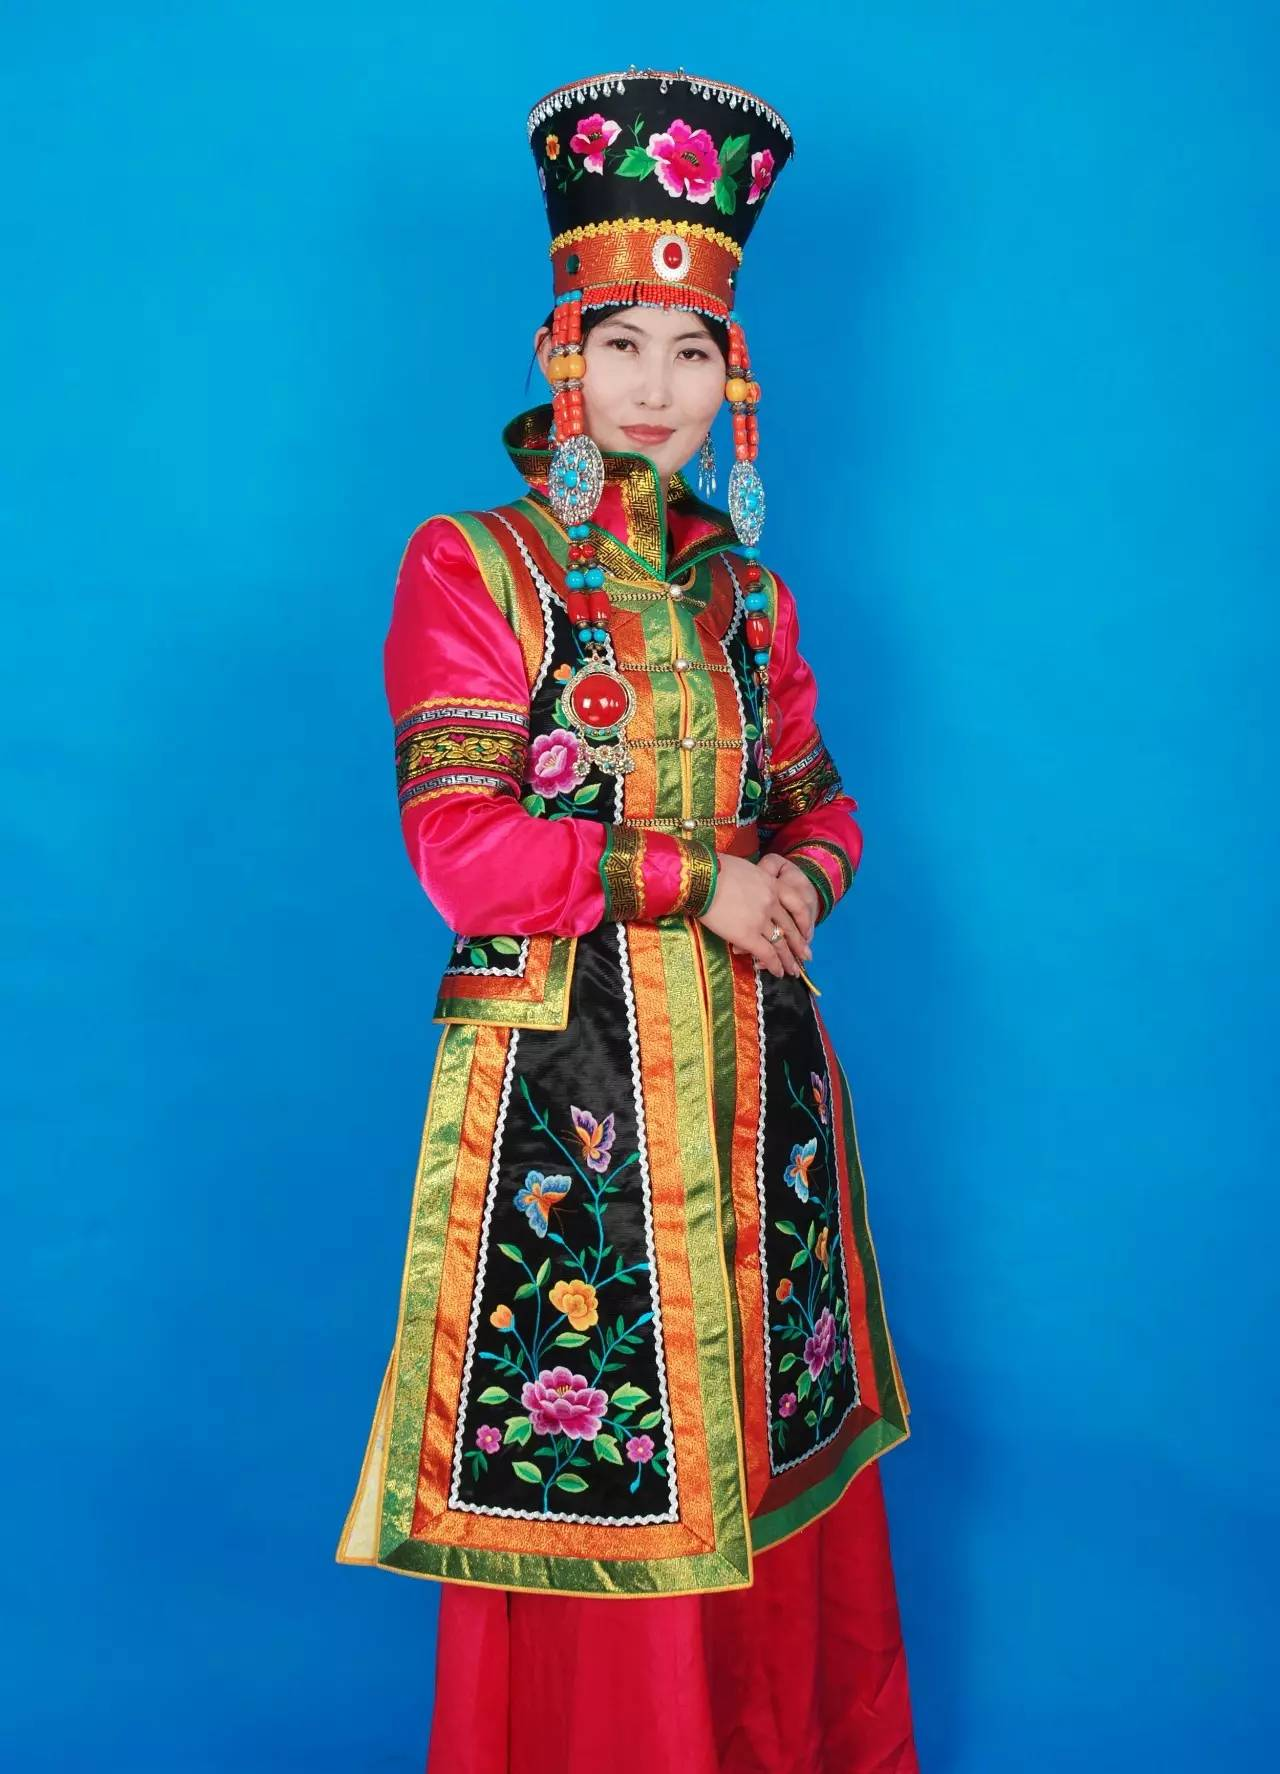 蒙古族刺绣非遗传承人——万花 第15张